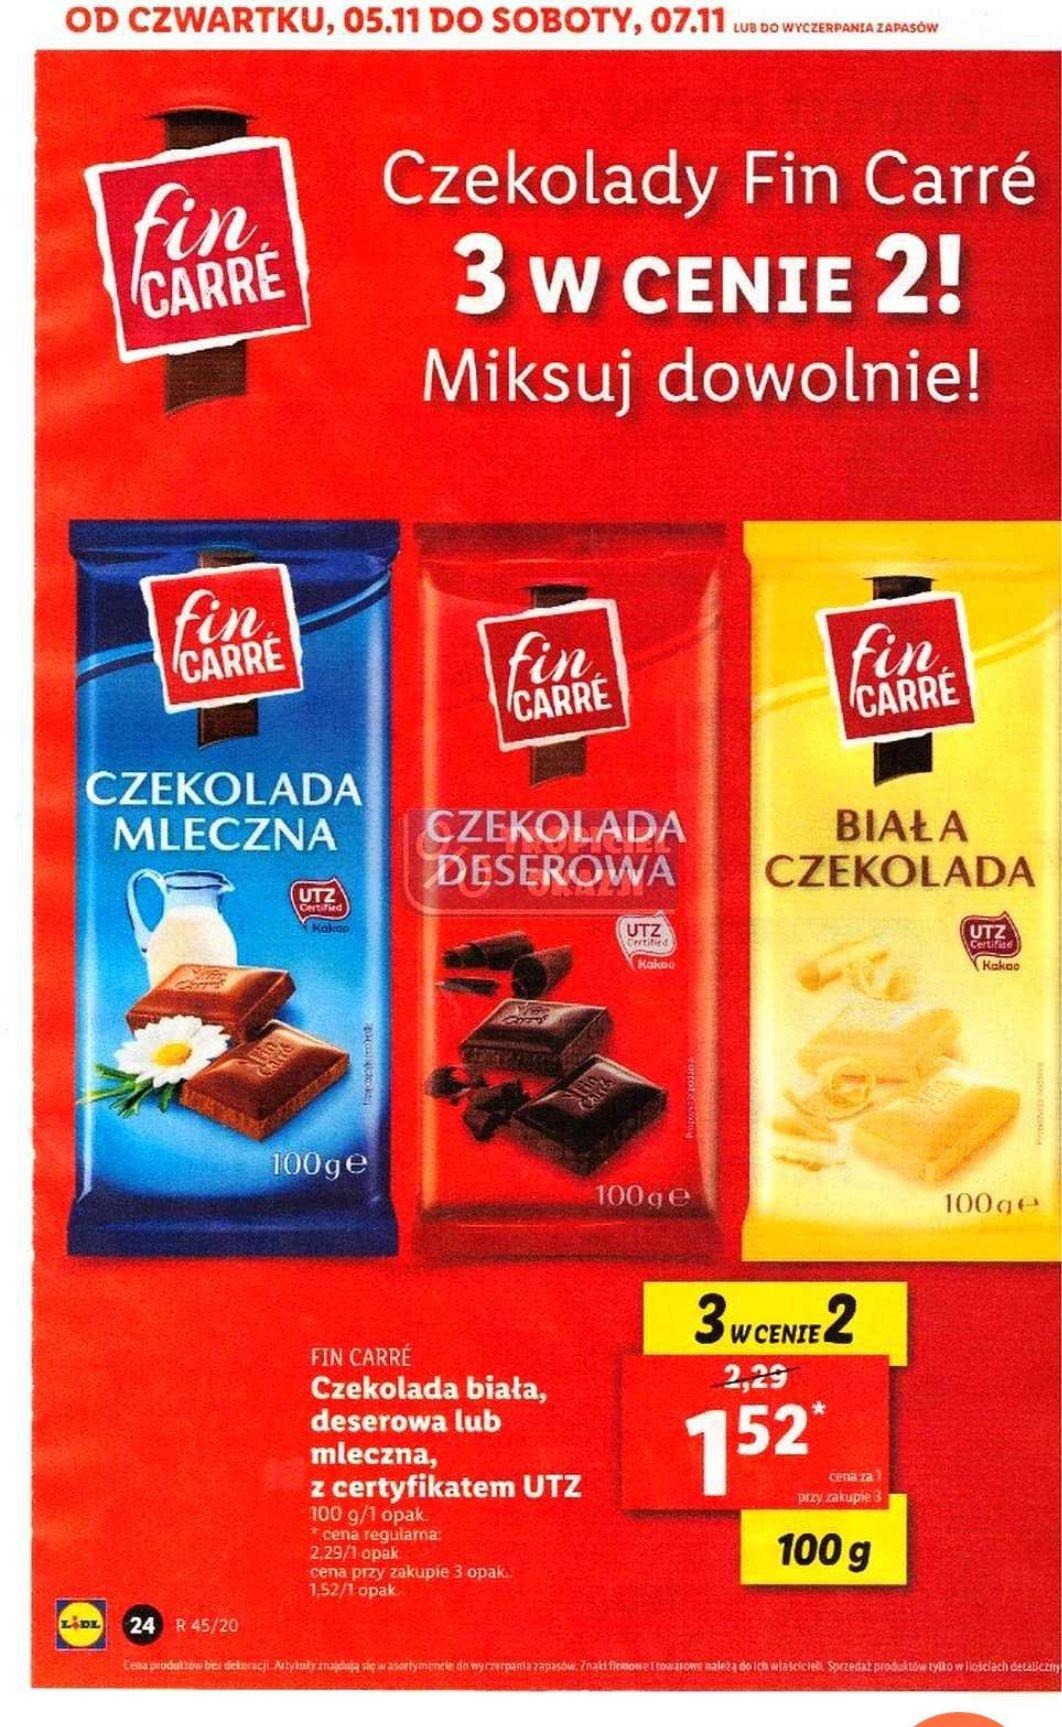 Czekolada Fin Carre. Lidl. 1.52 sztuka przy zakupie 3. 3 czekolady w cenie 2.